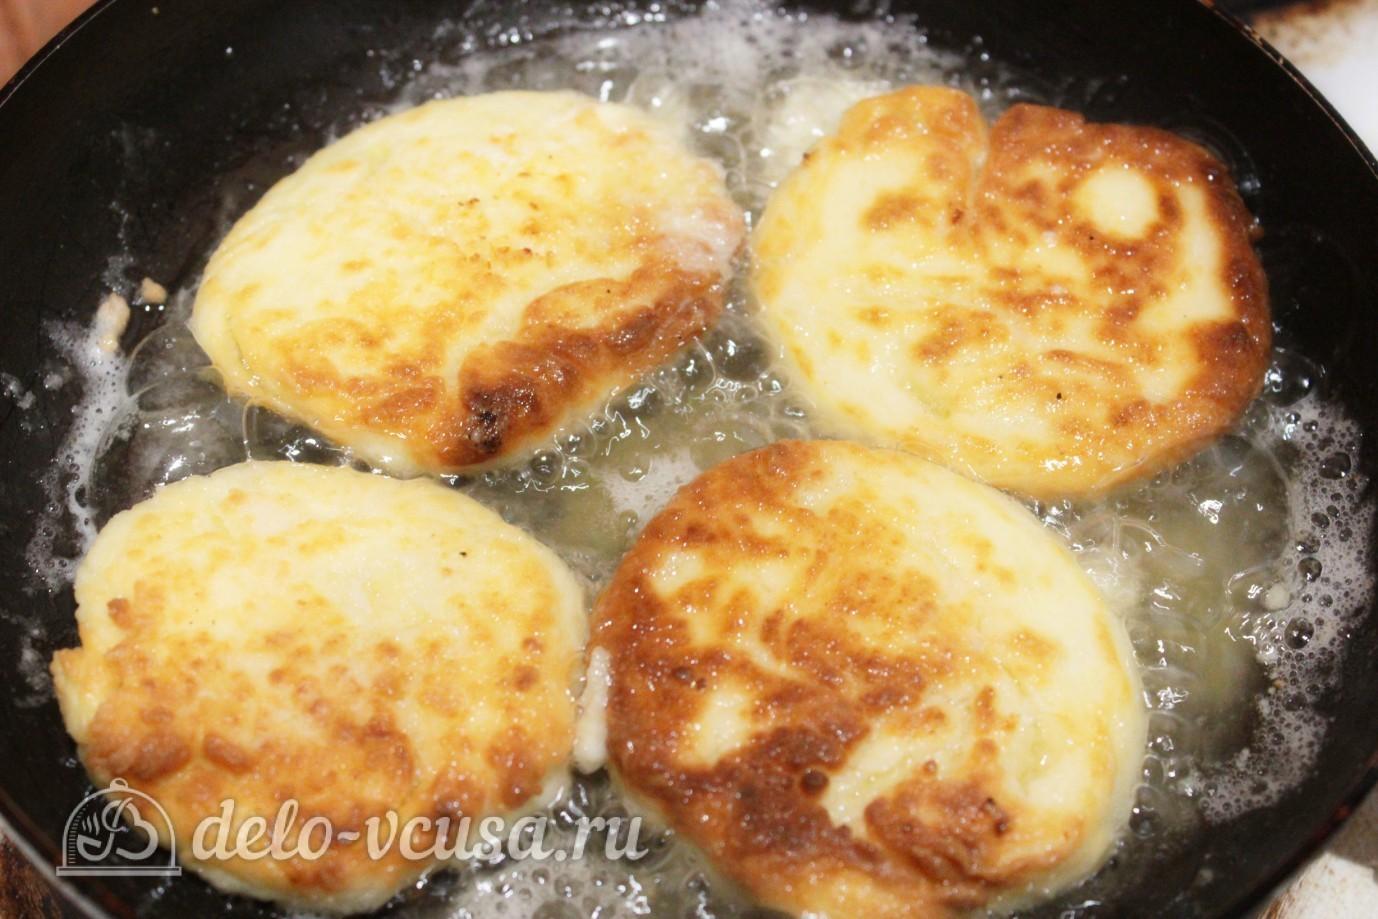 Сырники из творога и сметаны рецепт пошагово в